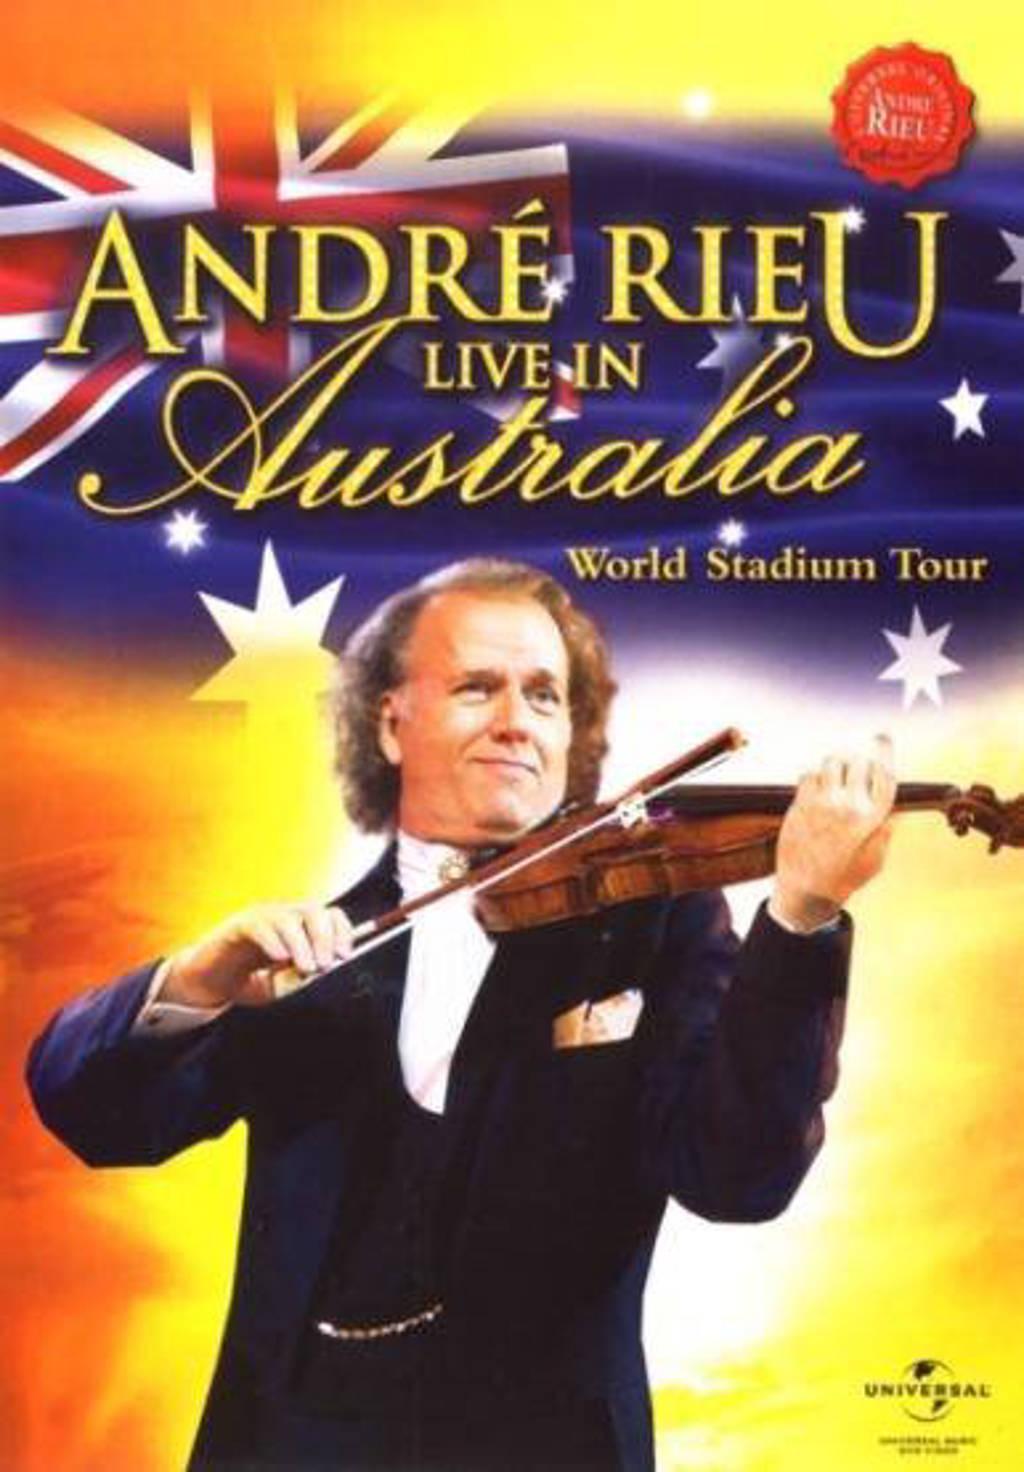 Andre Rieu - Live In Australia (DVD)